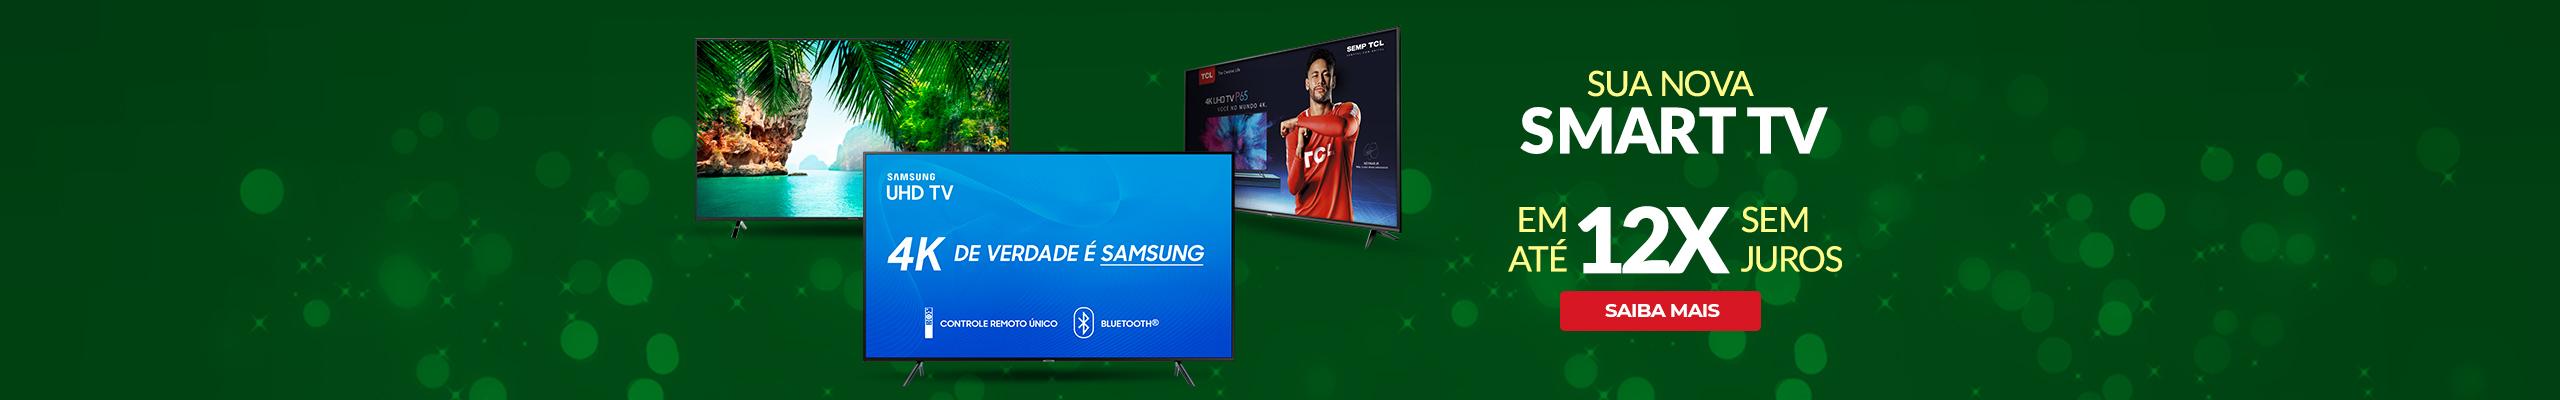 Sua nova Smart TV | 09 a 15